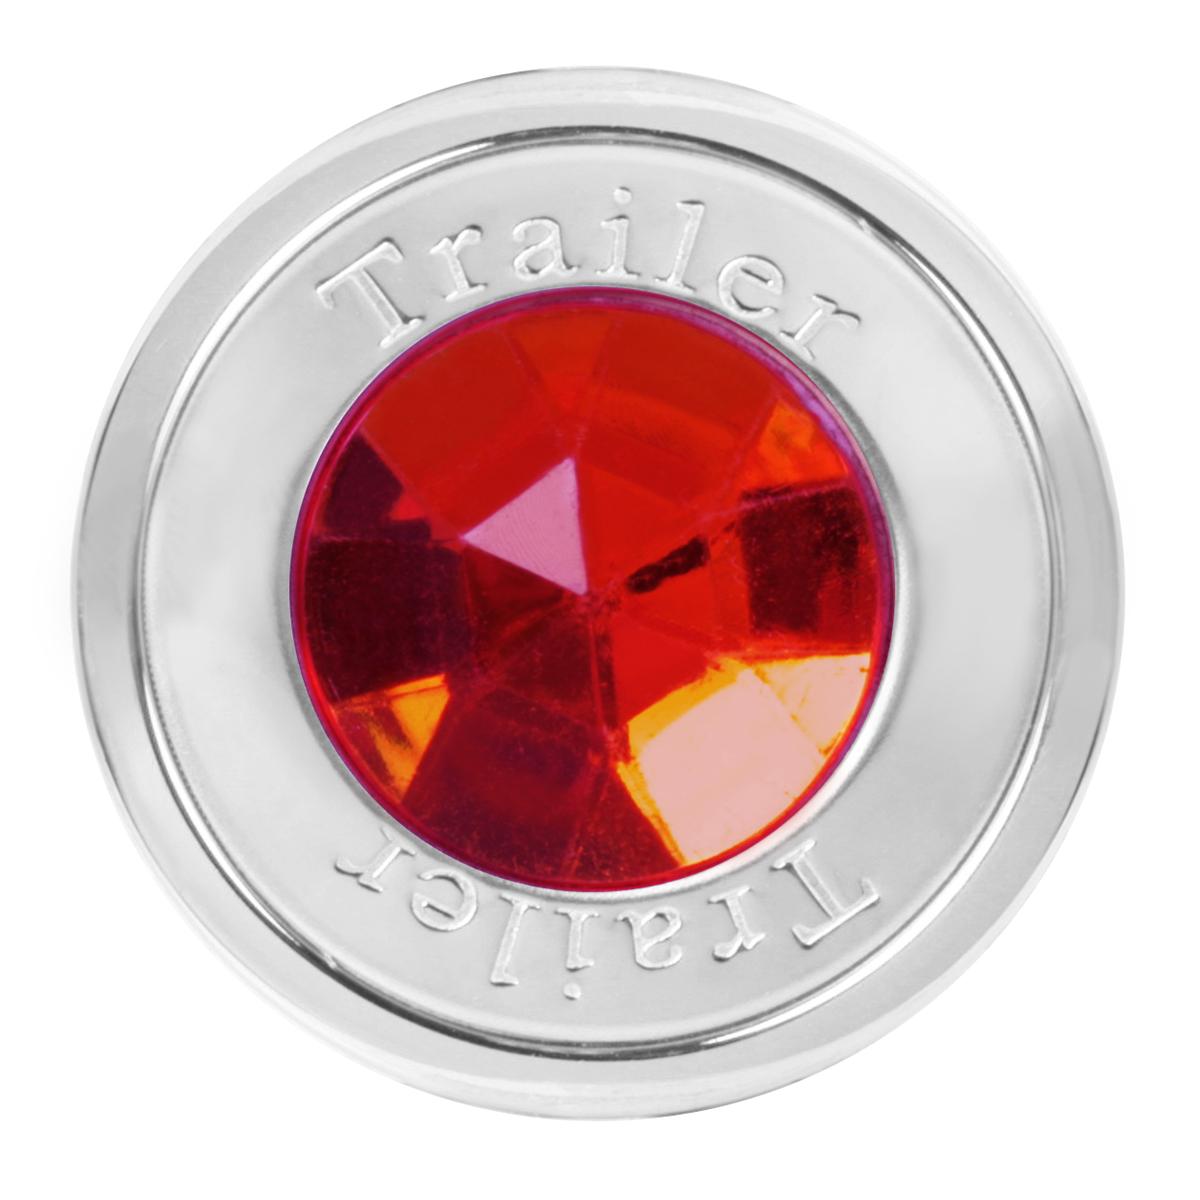 95825 Trailer Air Control Knob w/ Red Crystal